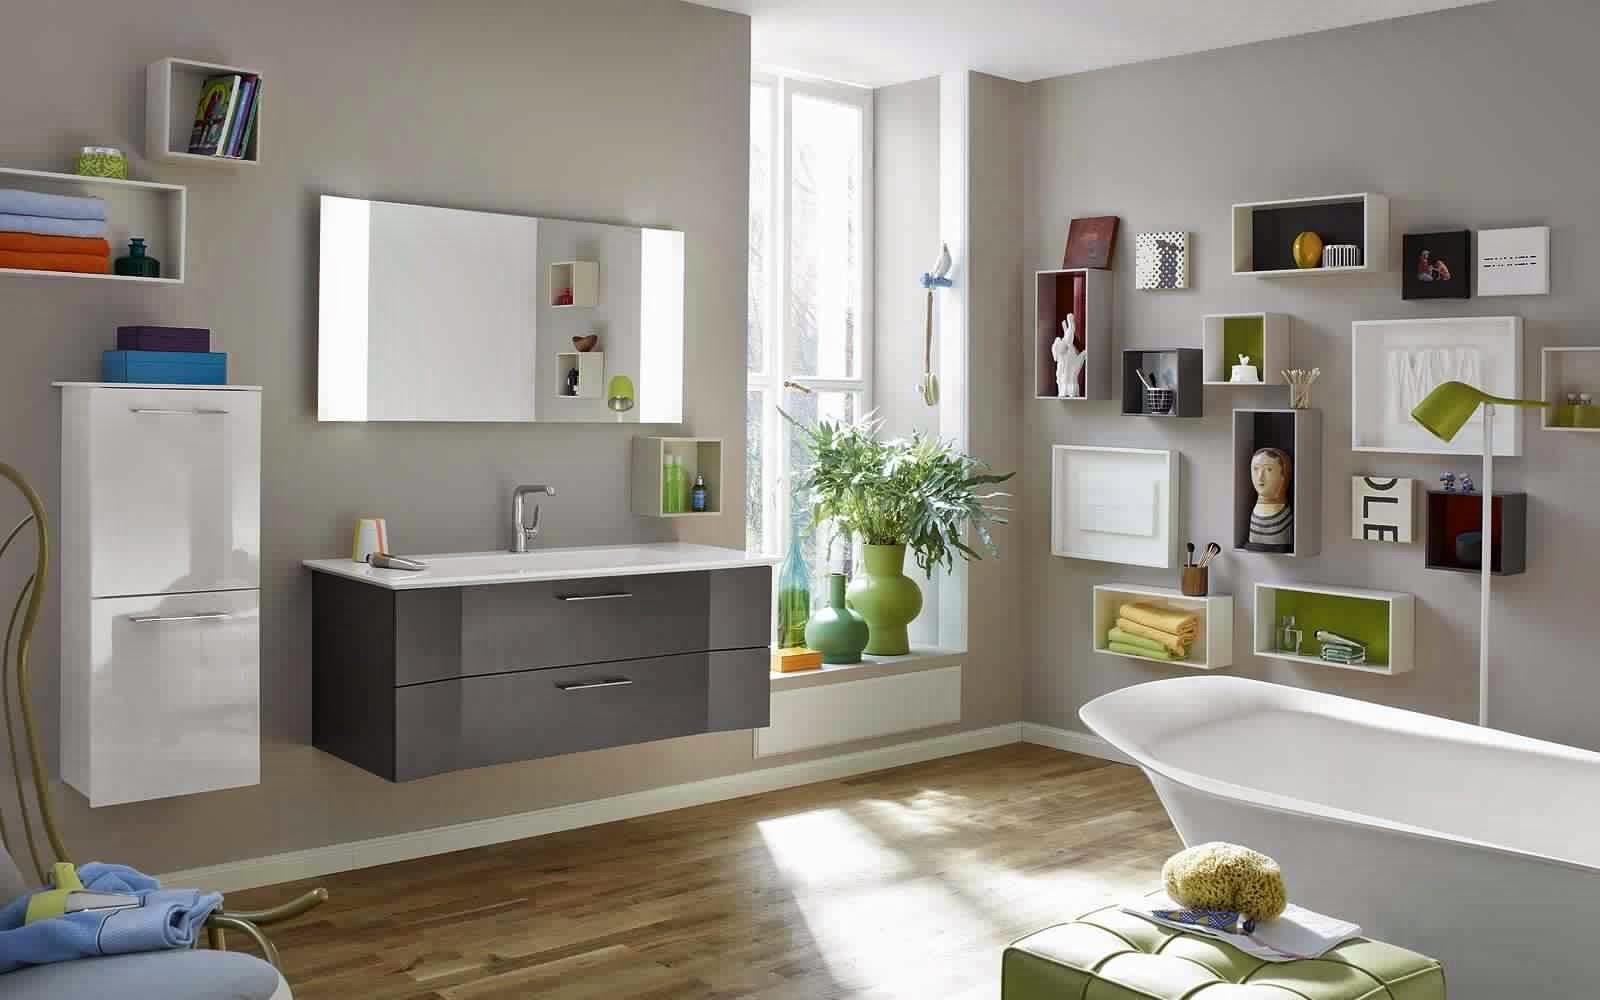 Meuble salle de bain gris meuble d coration maison - Salle de bain aubergine et gris ...